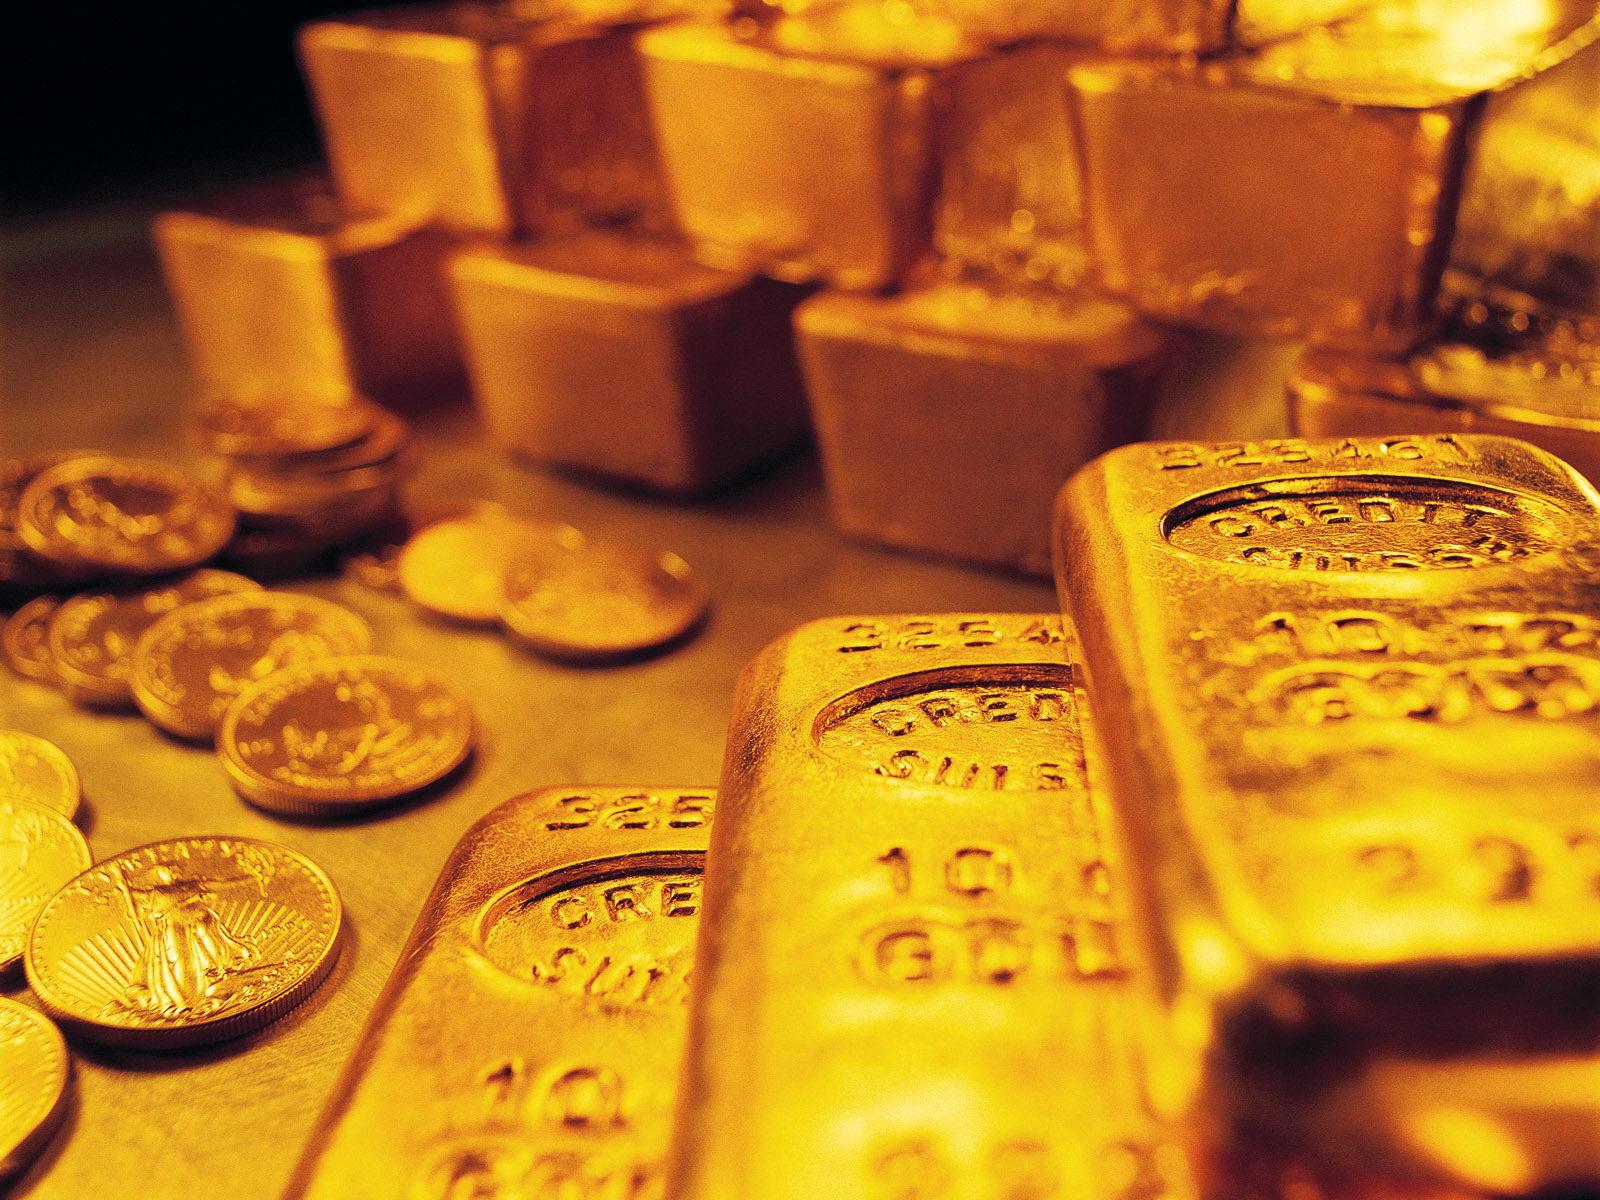 全球市场盯紧这件大事 黄金本周技术前景分析